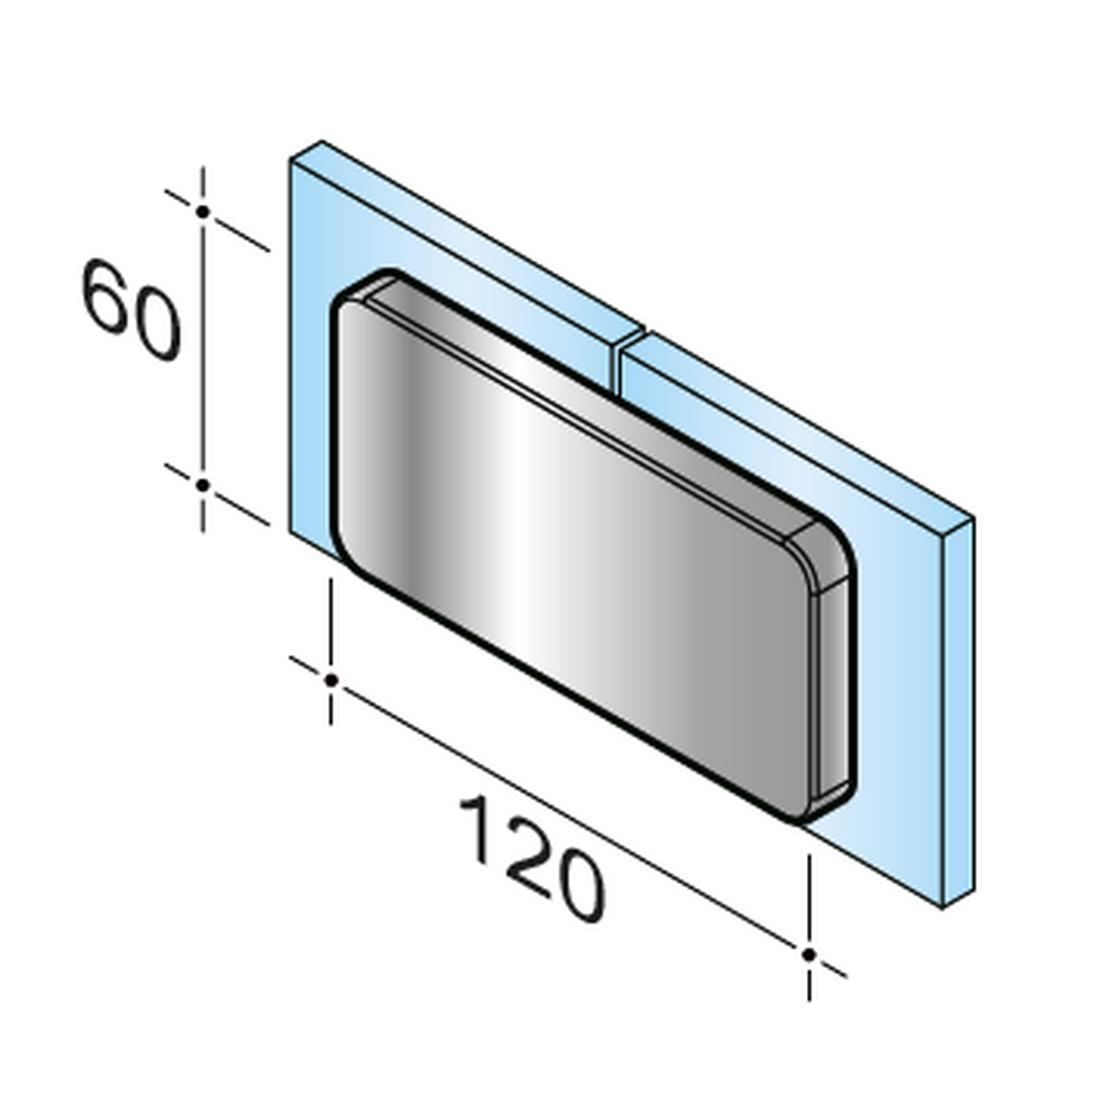 SWING PICCOLO 180° - CONNECTOR I GLASS - GLASS, RIGID